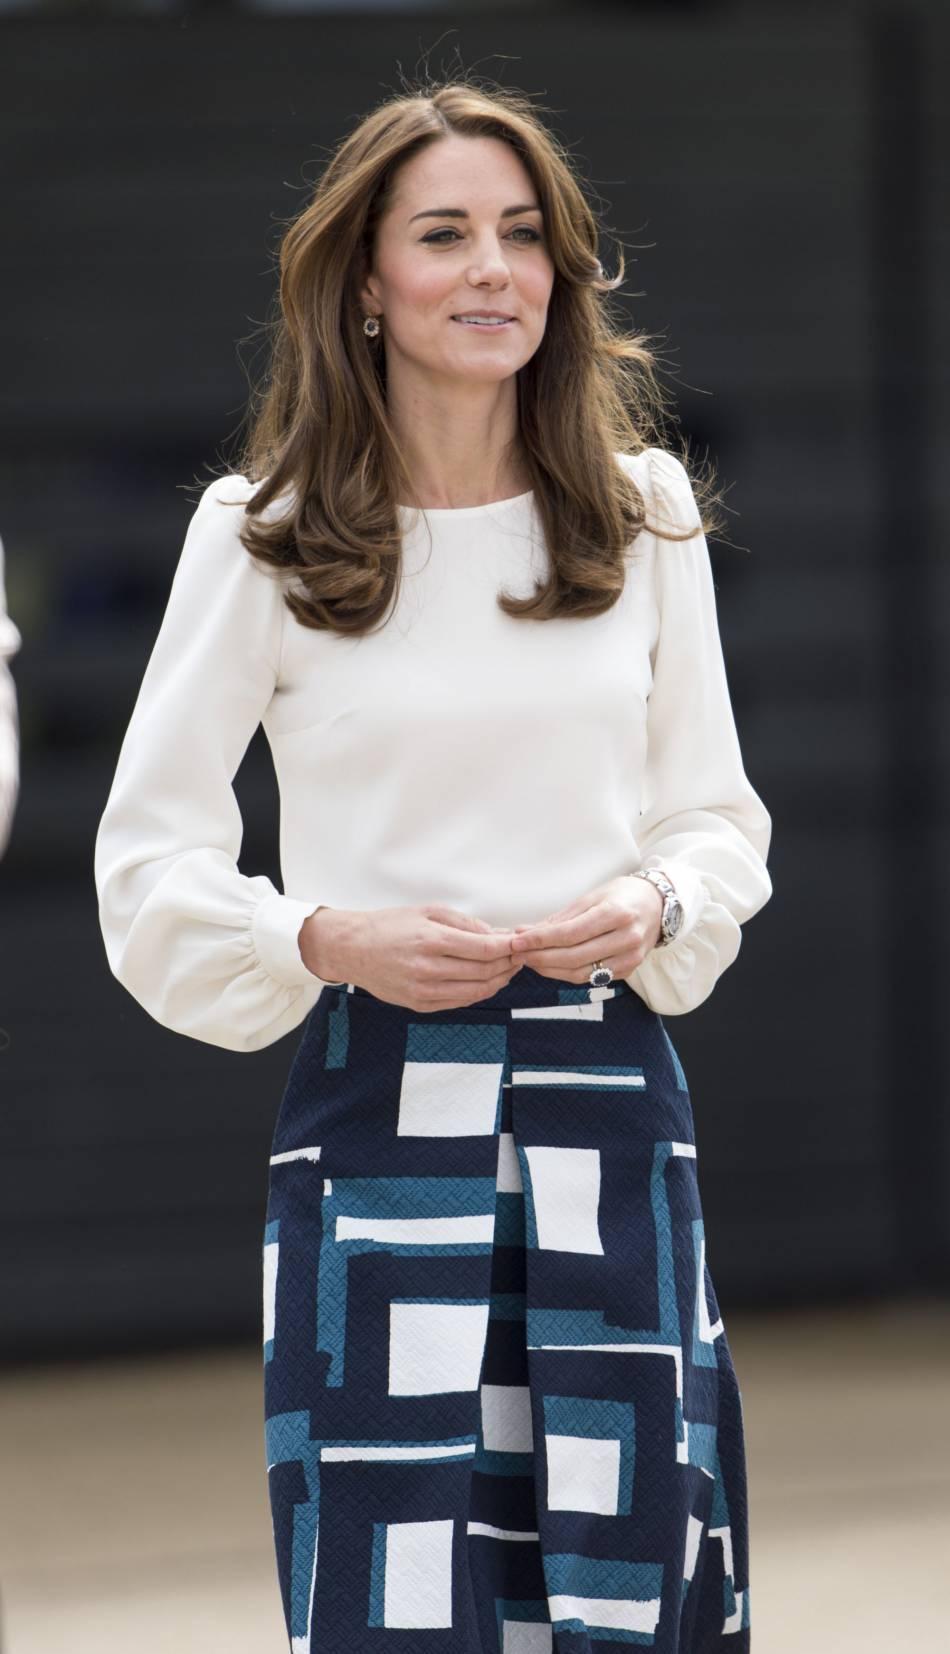 Kate Middleton mélange vêtements de luxe et vêtements bon marché : ici elle porte une robe Banana Republic à 100 euros environ.